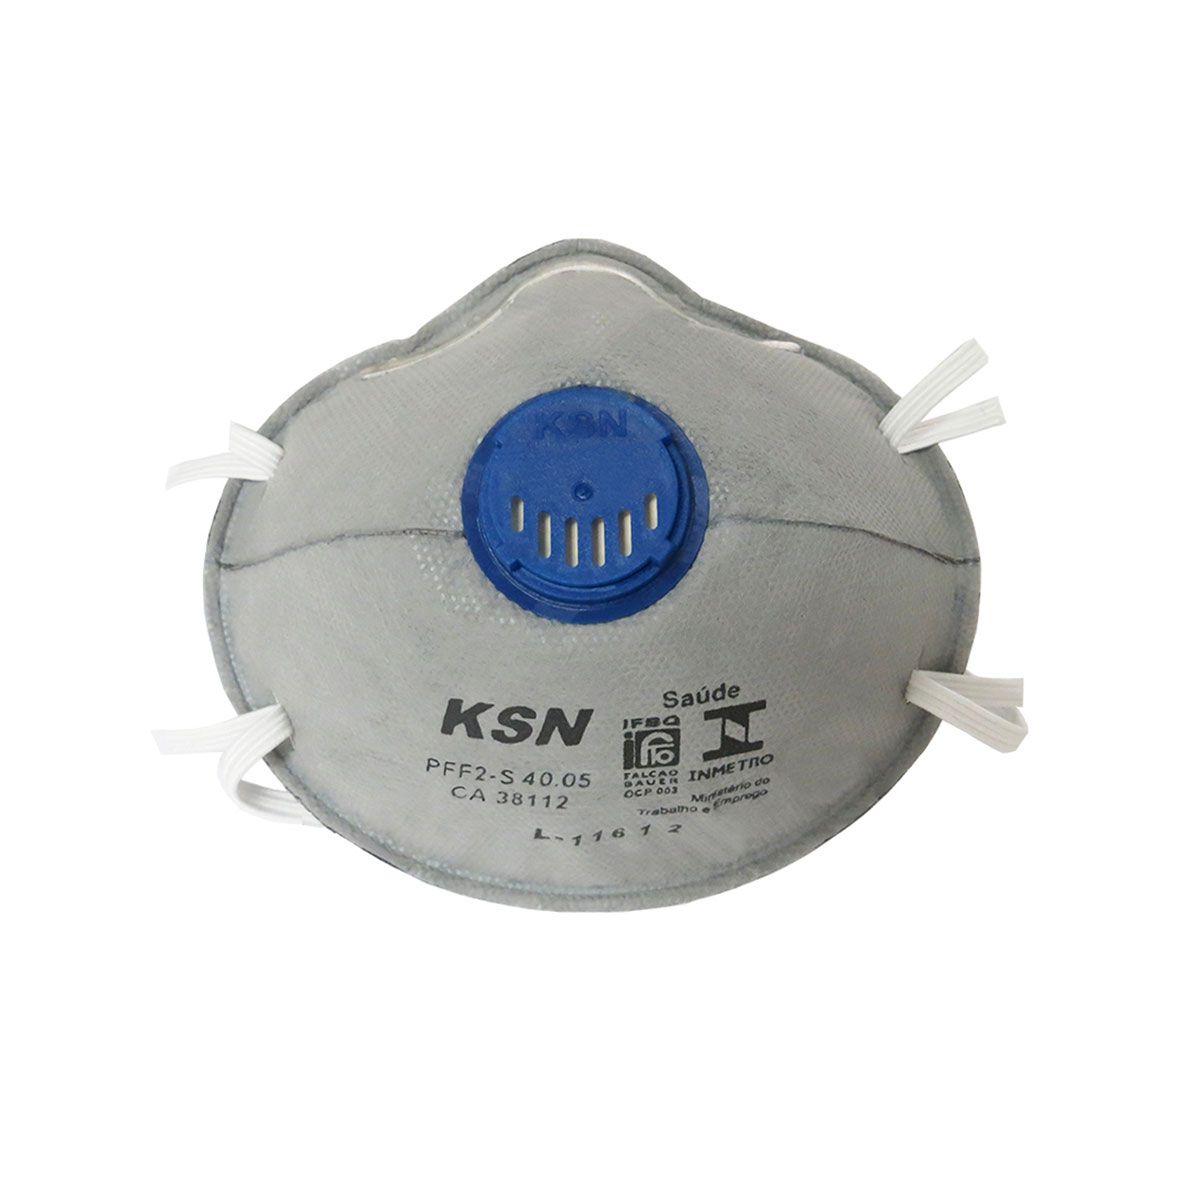 Respirador Concha Ksn Carvão Ativado Pff2S com Válvula